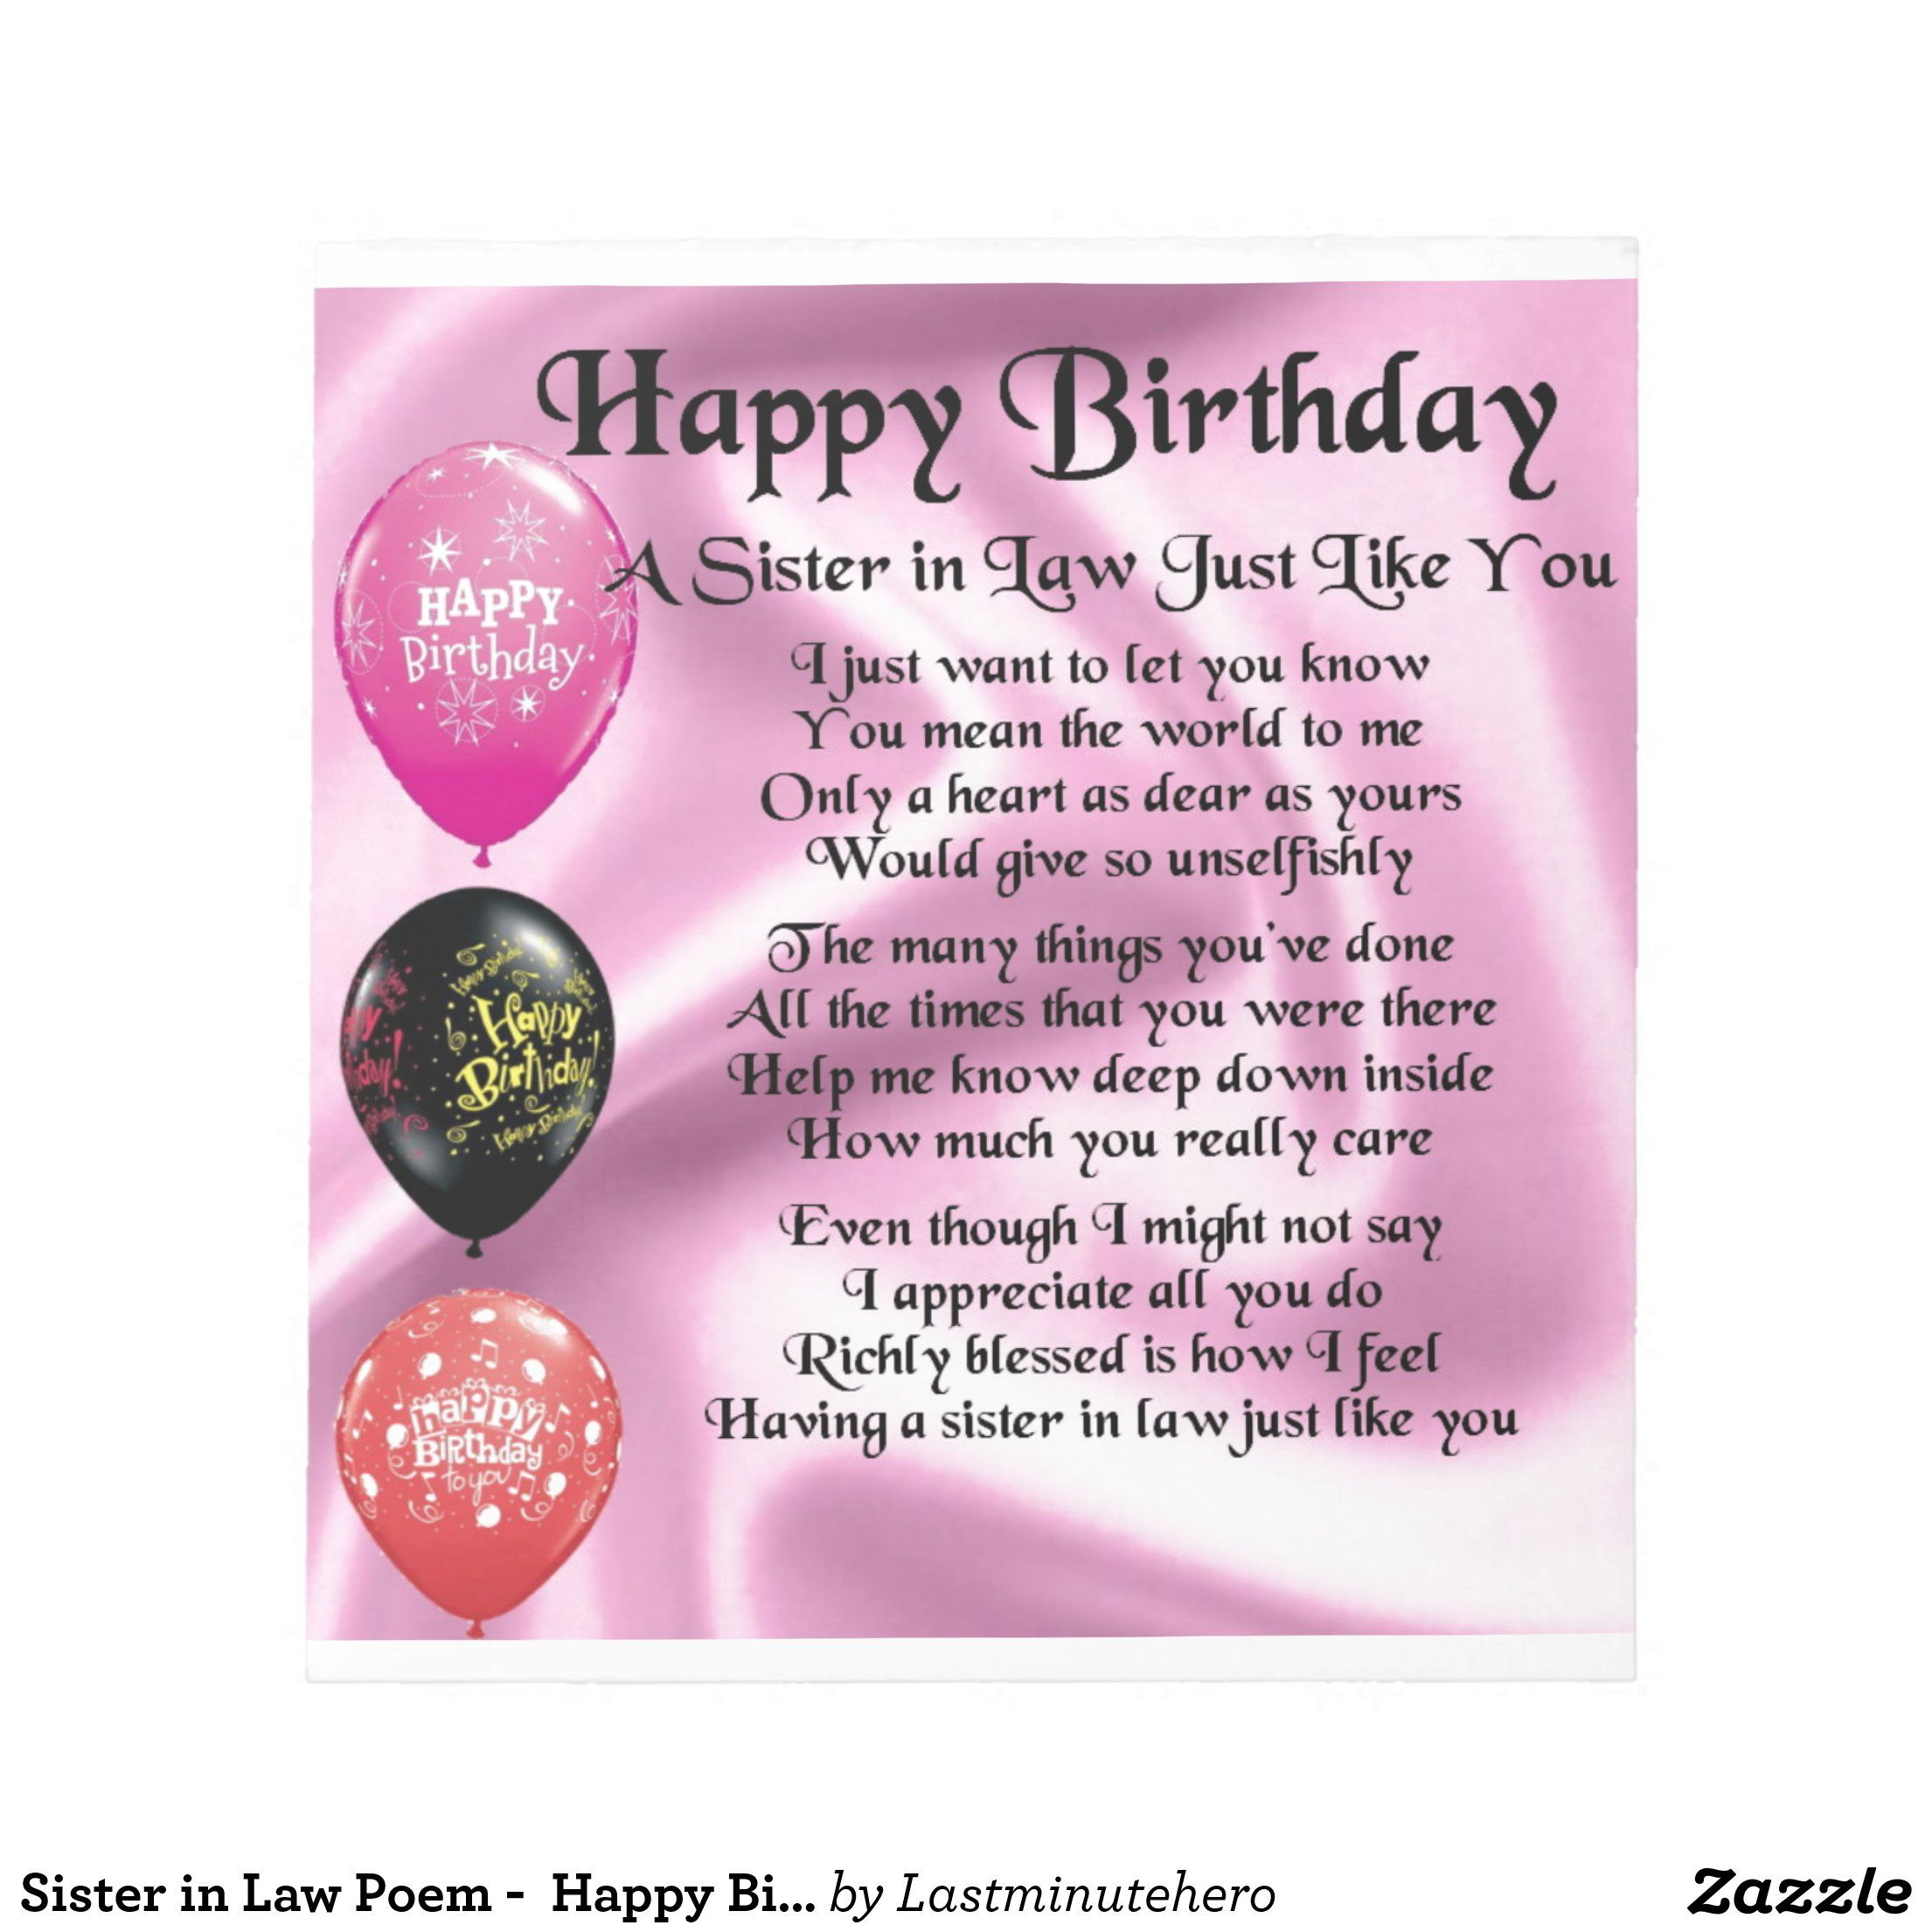 Sister In Law Poem Happy Birthday Design Notepad Zazzle Com Happy Birthday Design Pink Happy Birthday Happy Birthday Mother